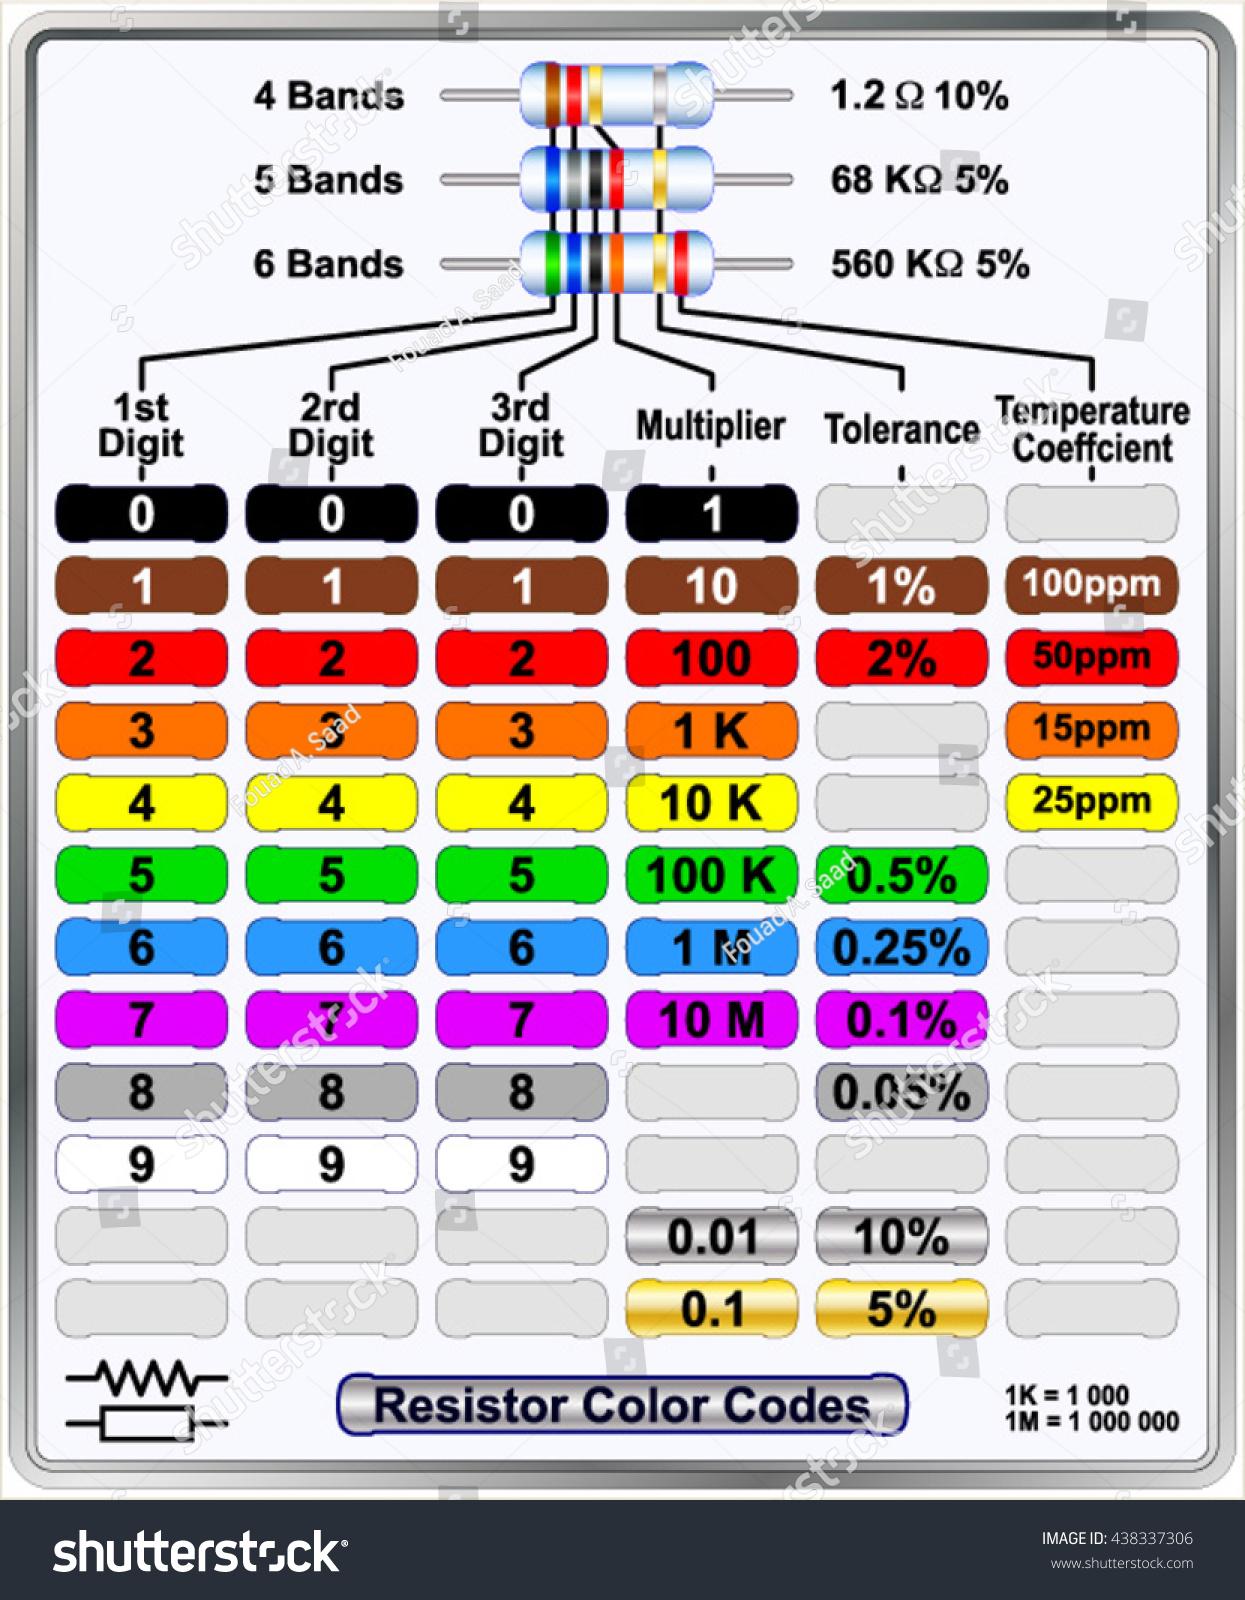 Resistor Color Codes Stock Vector